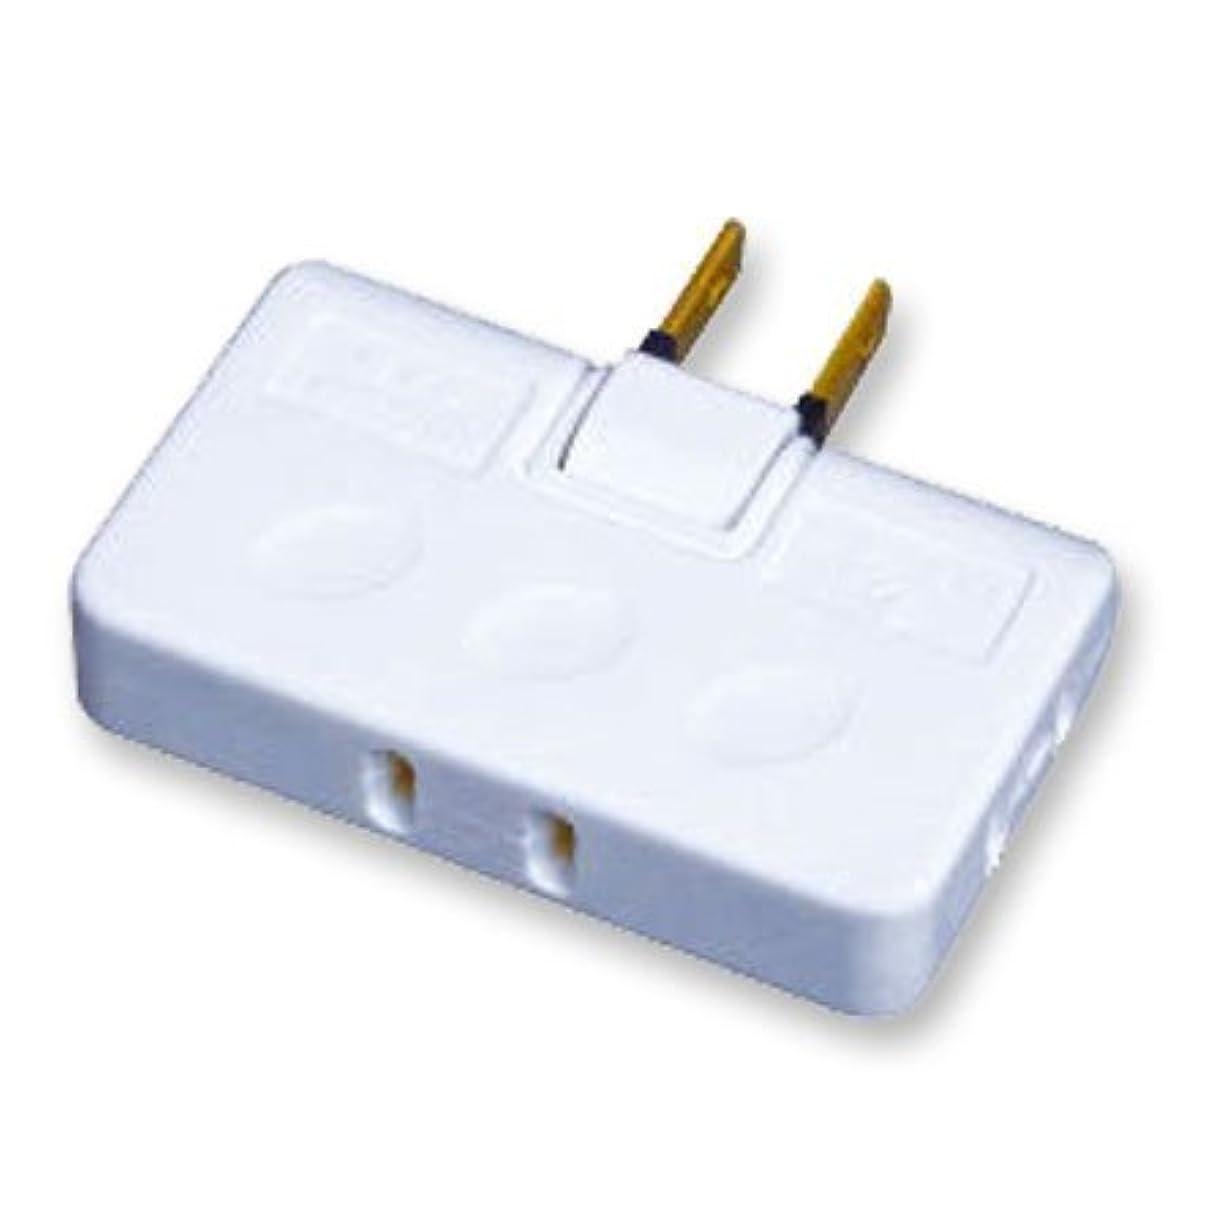 大聖堂なぜ分析するYOU+ 電源タップ 3個口 トリプルタップ 日本製(e1575)